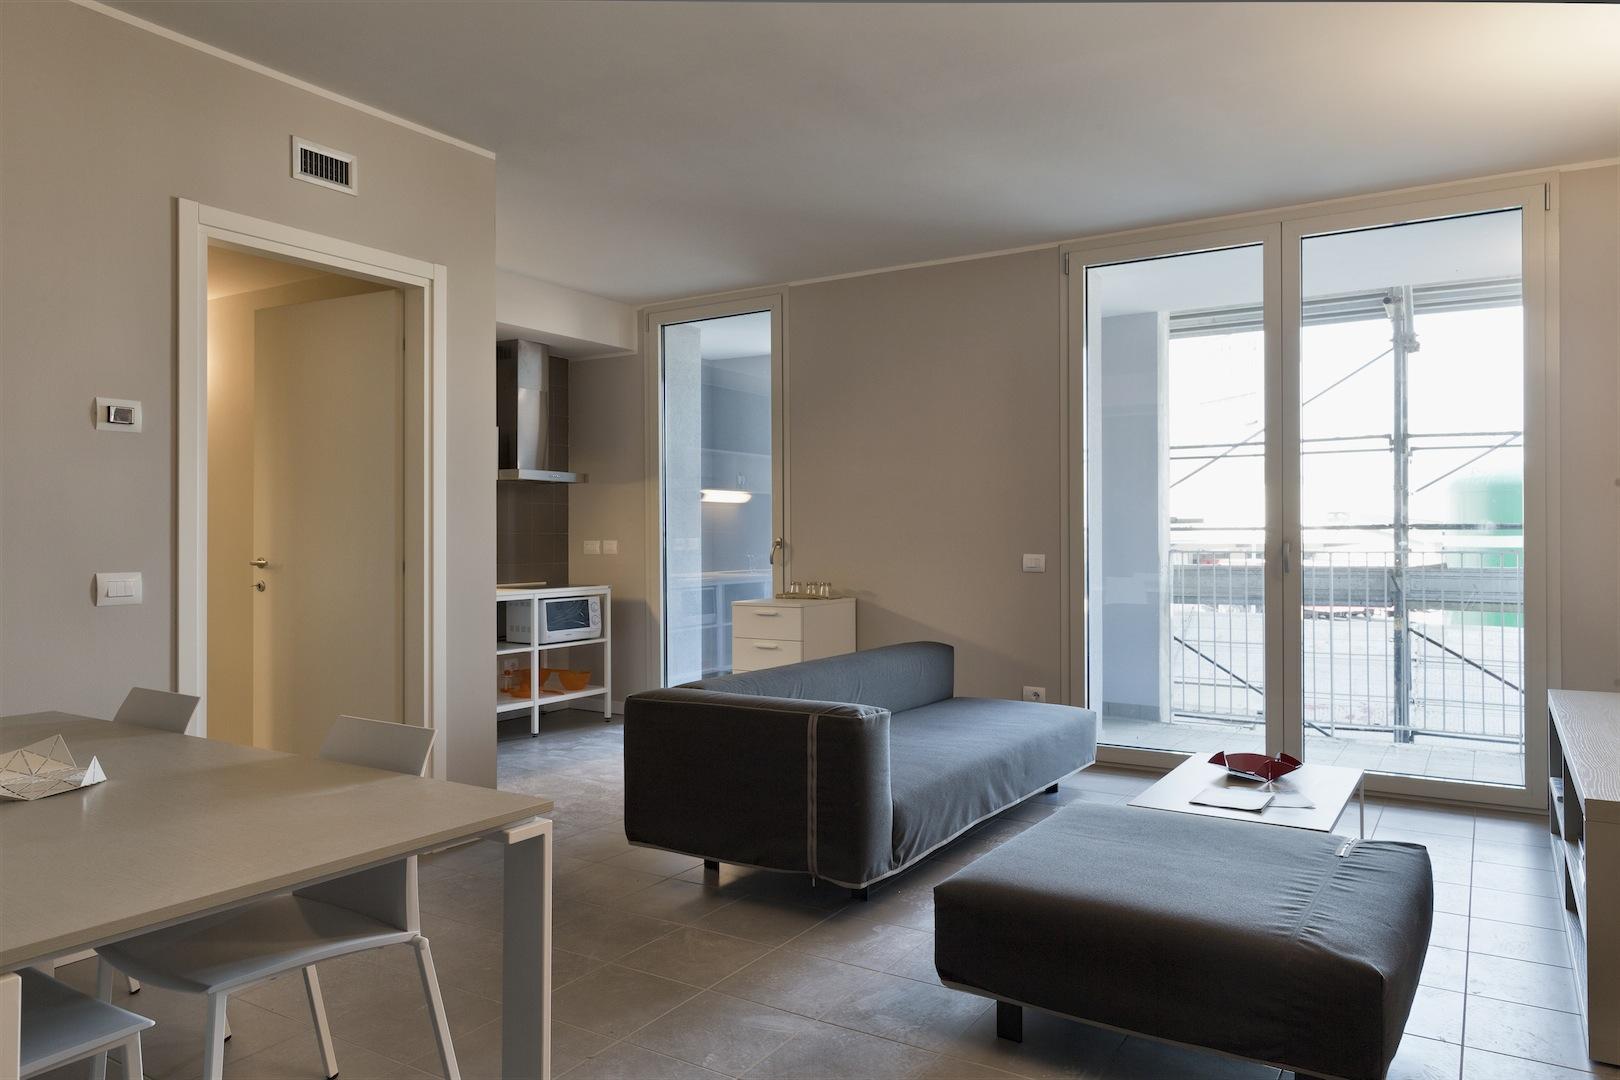 Cos saranno gli appartamenti del villaggio expo di for Appartamenti arredati milano